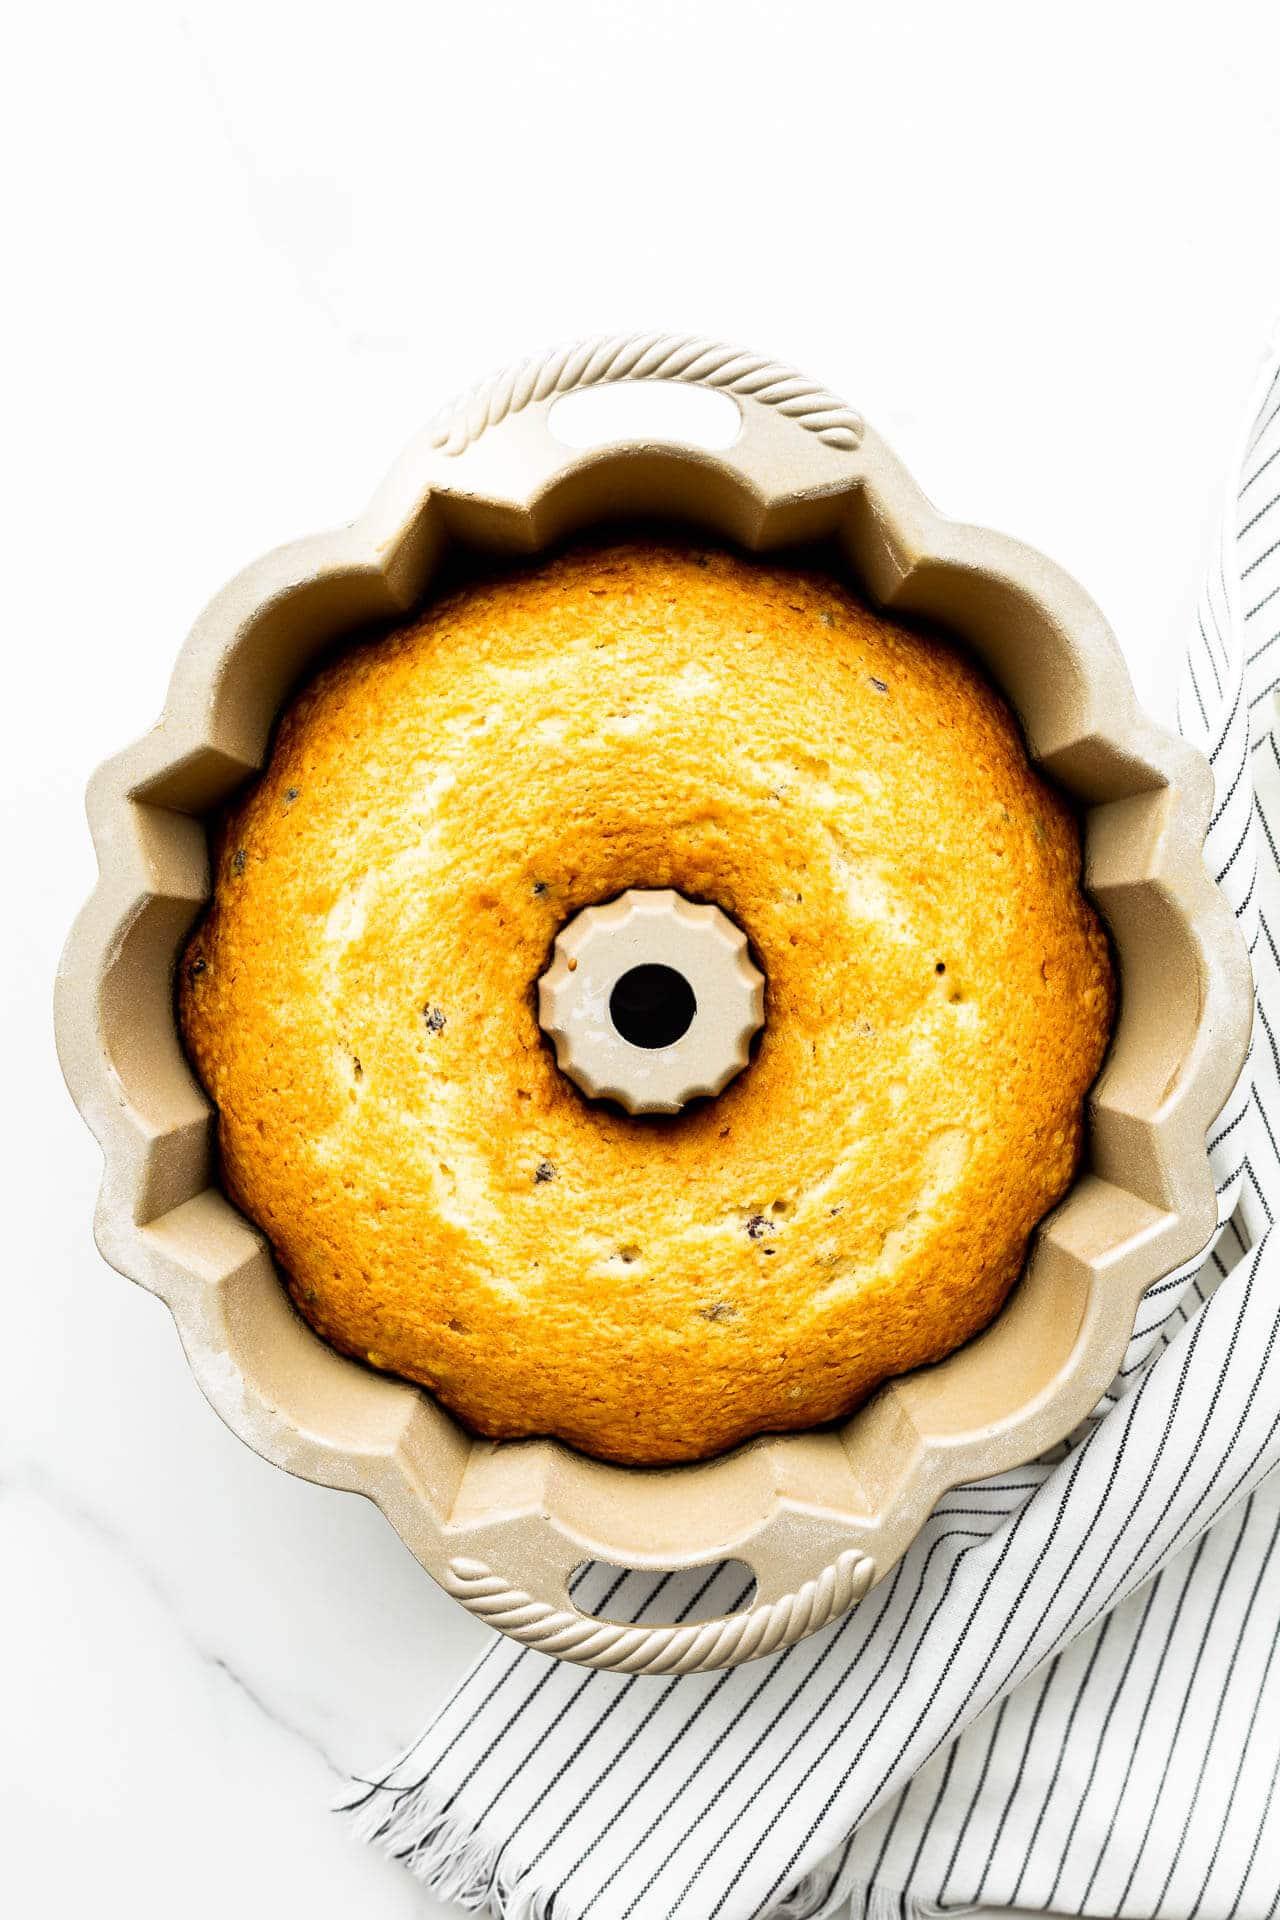 Freshly baked bundt cake in bundt pan before unmoulding.